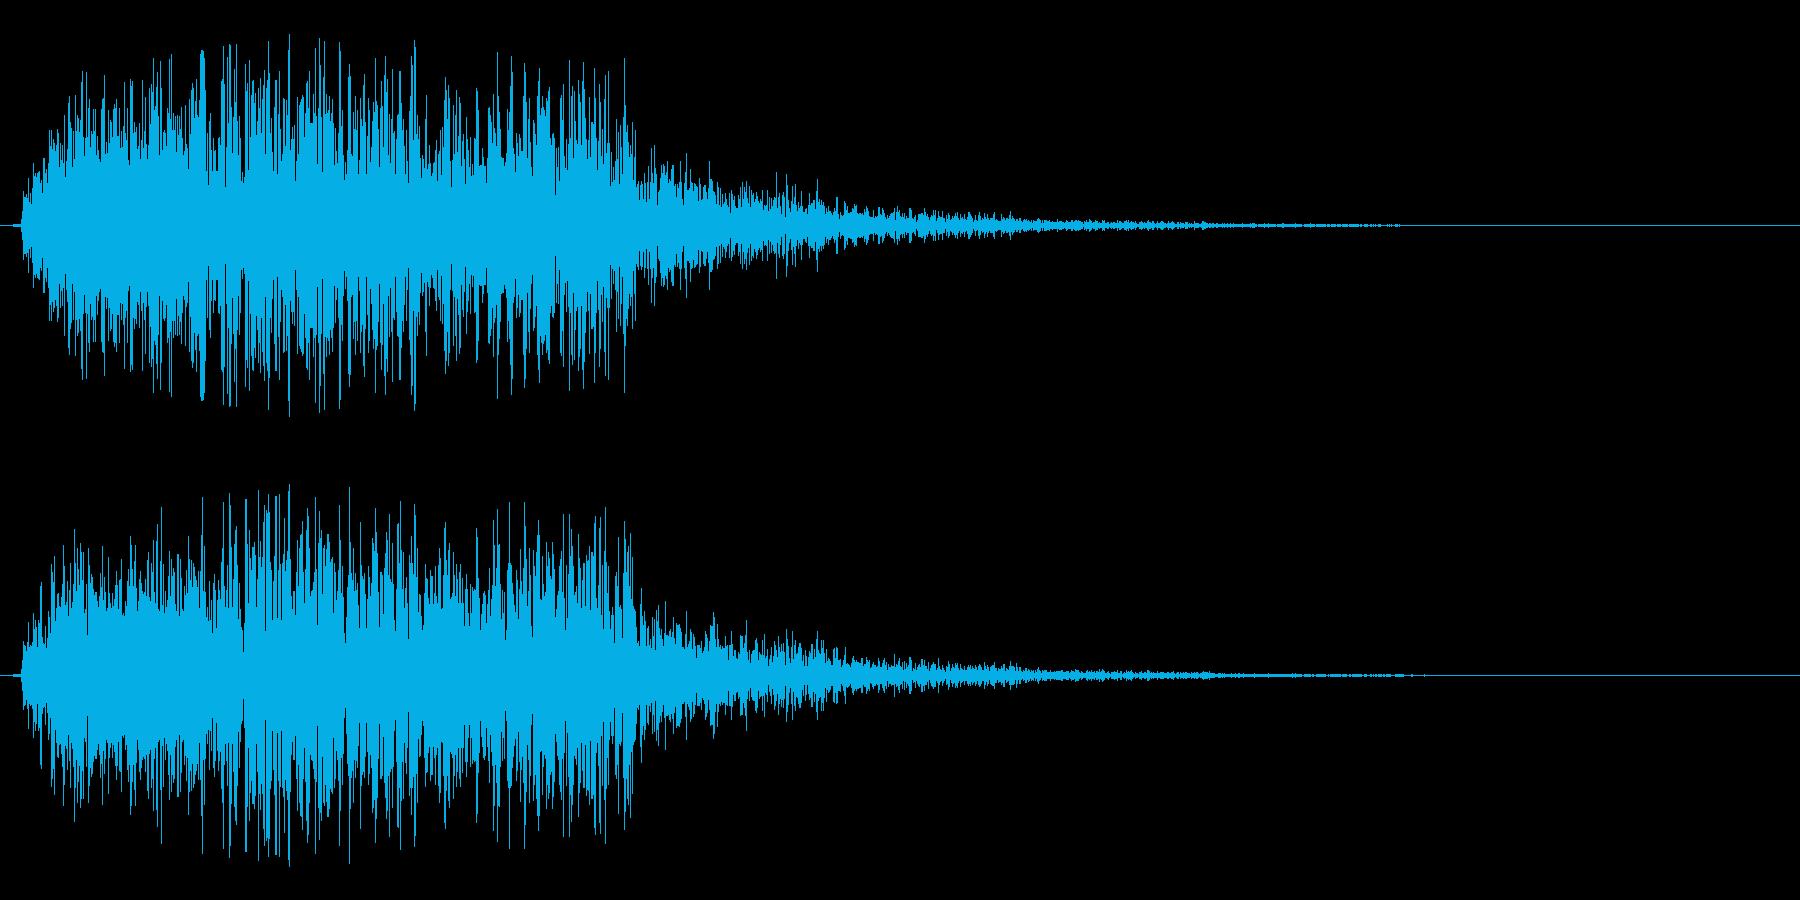 シュルルッ(回転系)の再生済みの波形